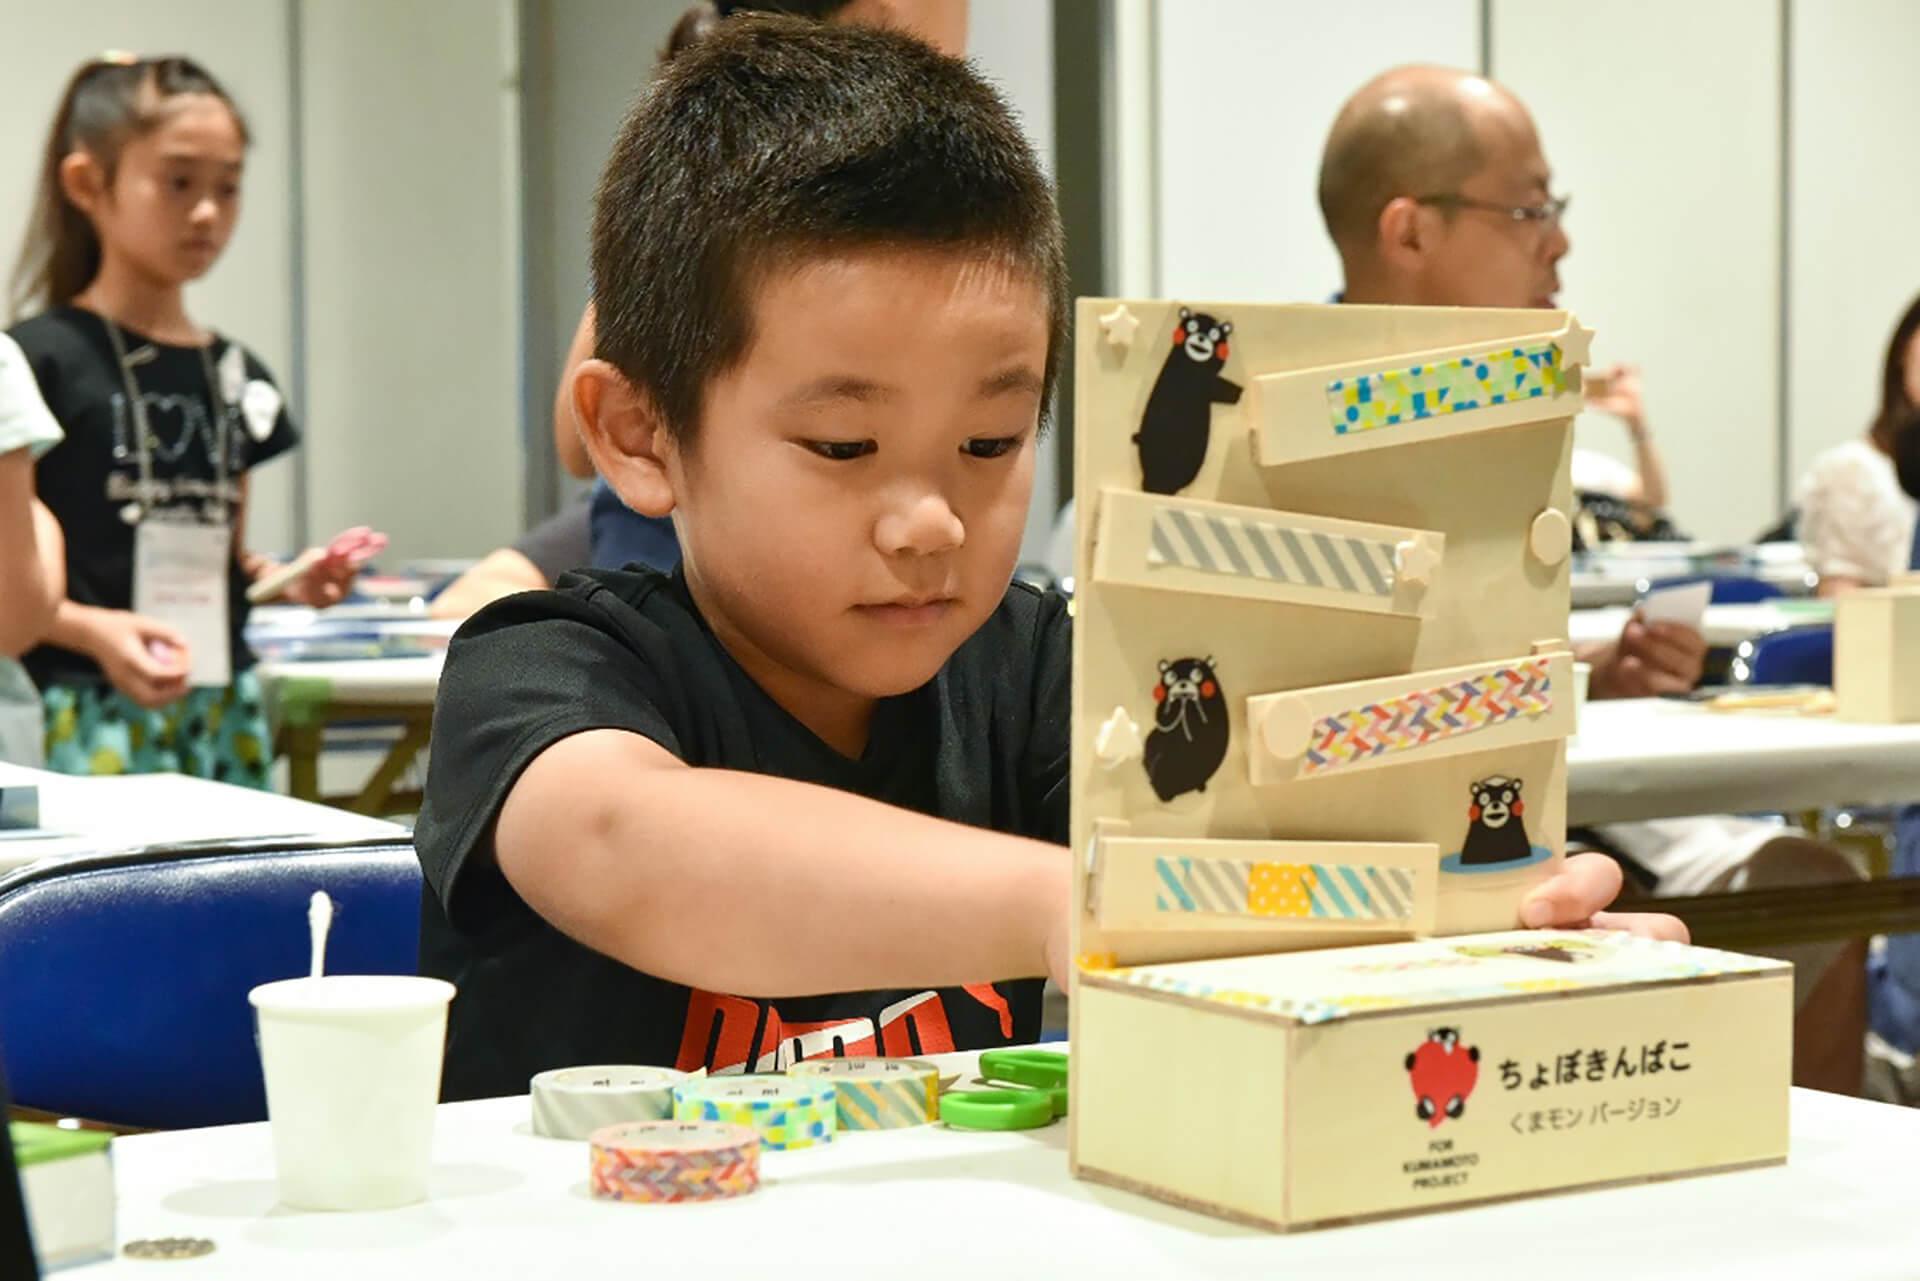 この写真はモノ作りを体験中の子供です